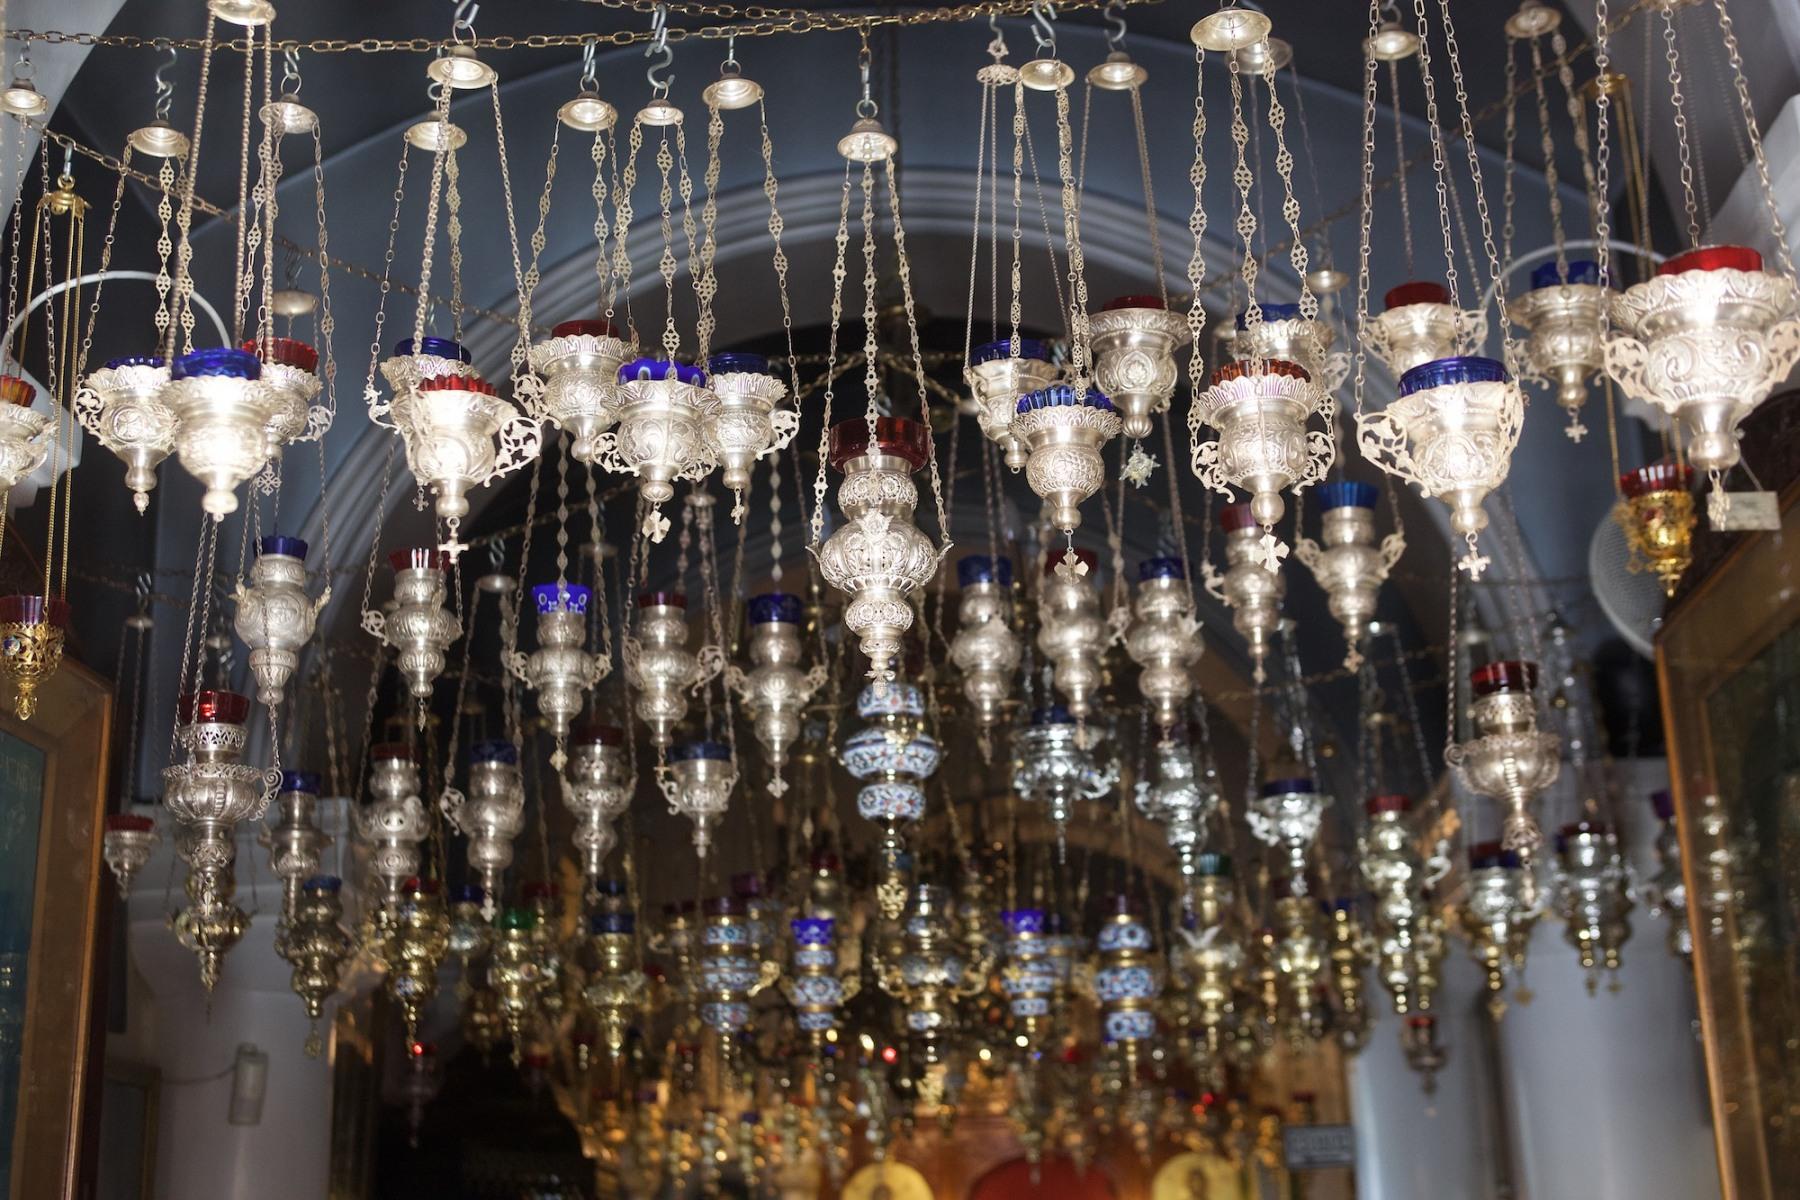 katholiko-agias-triados-kandilia